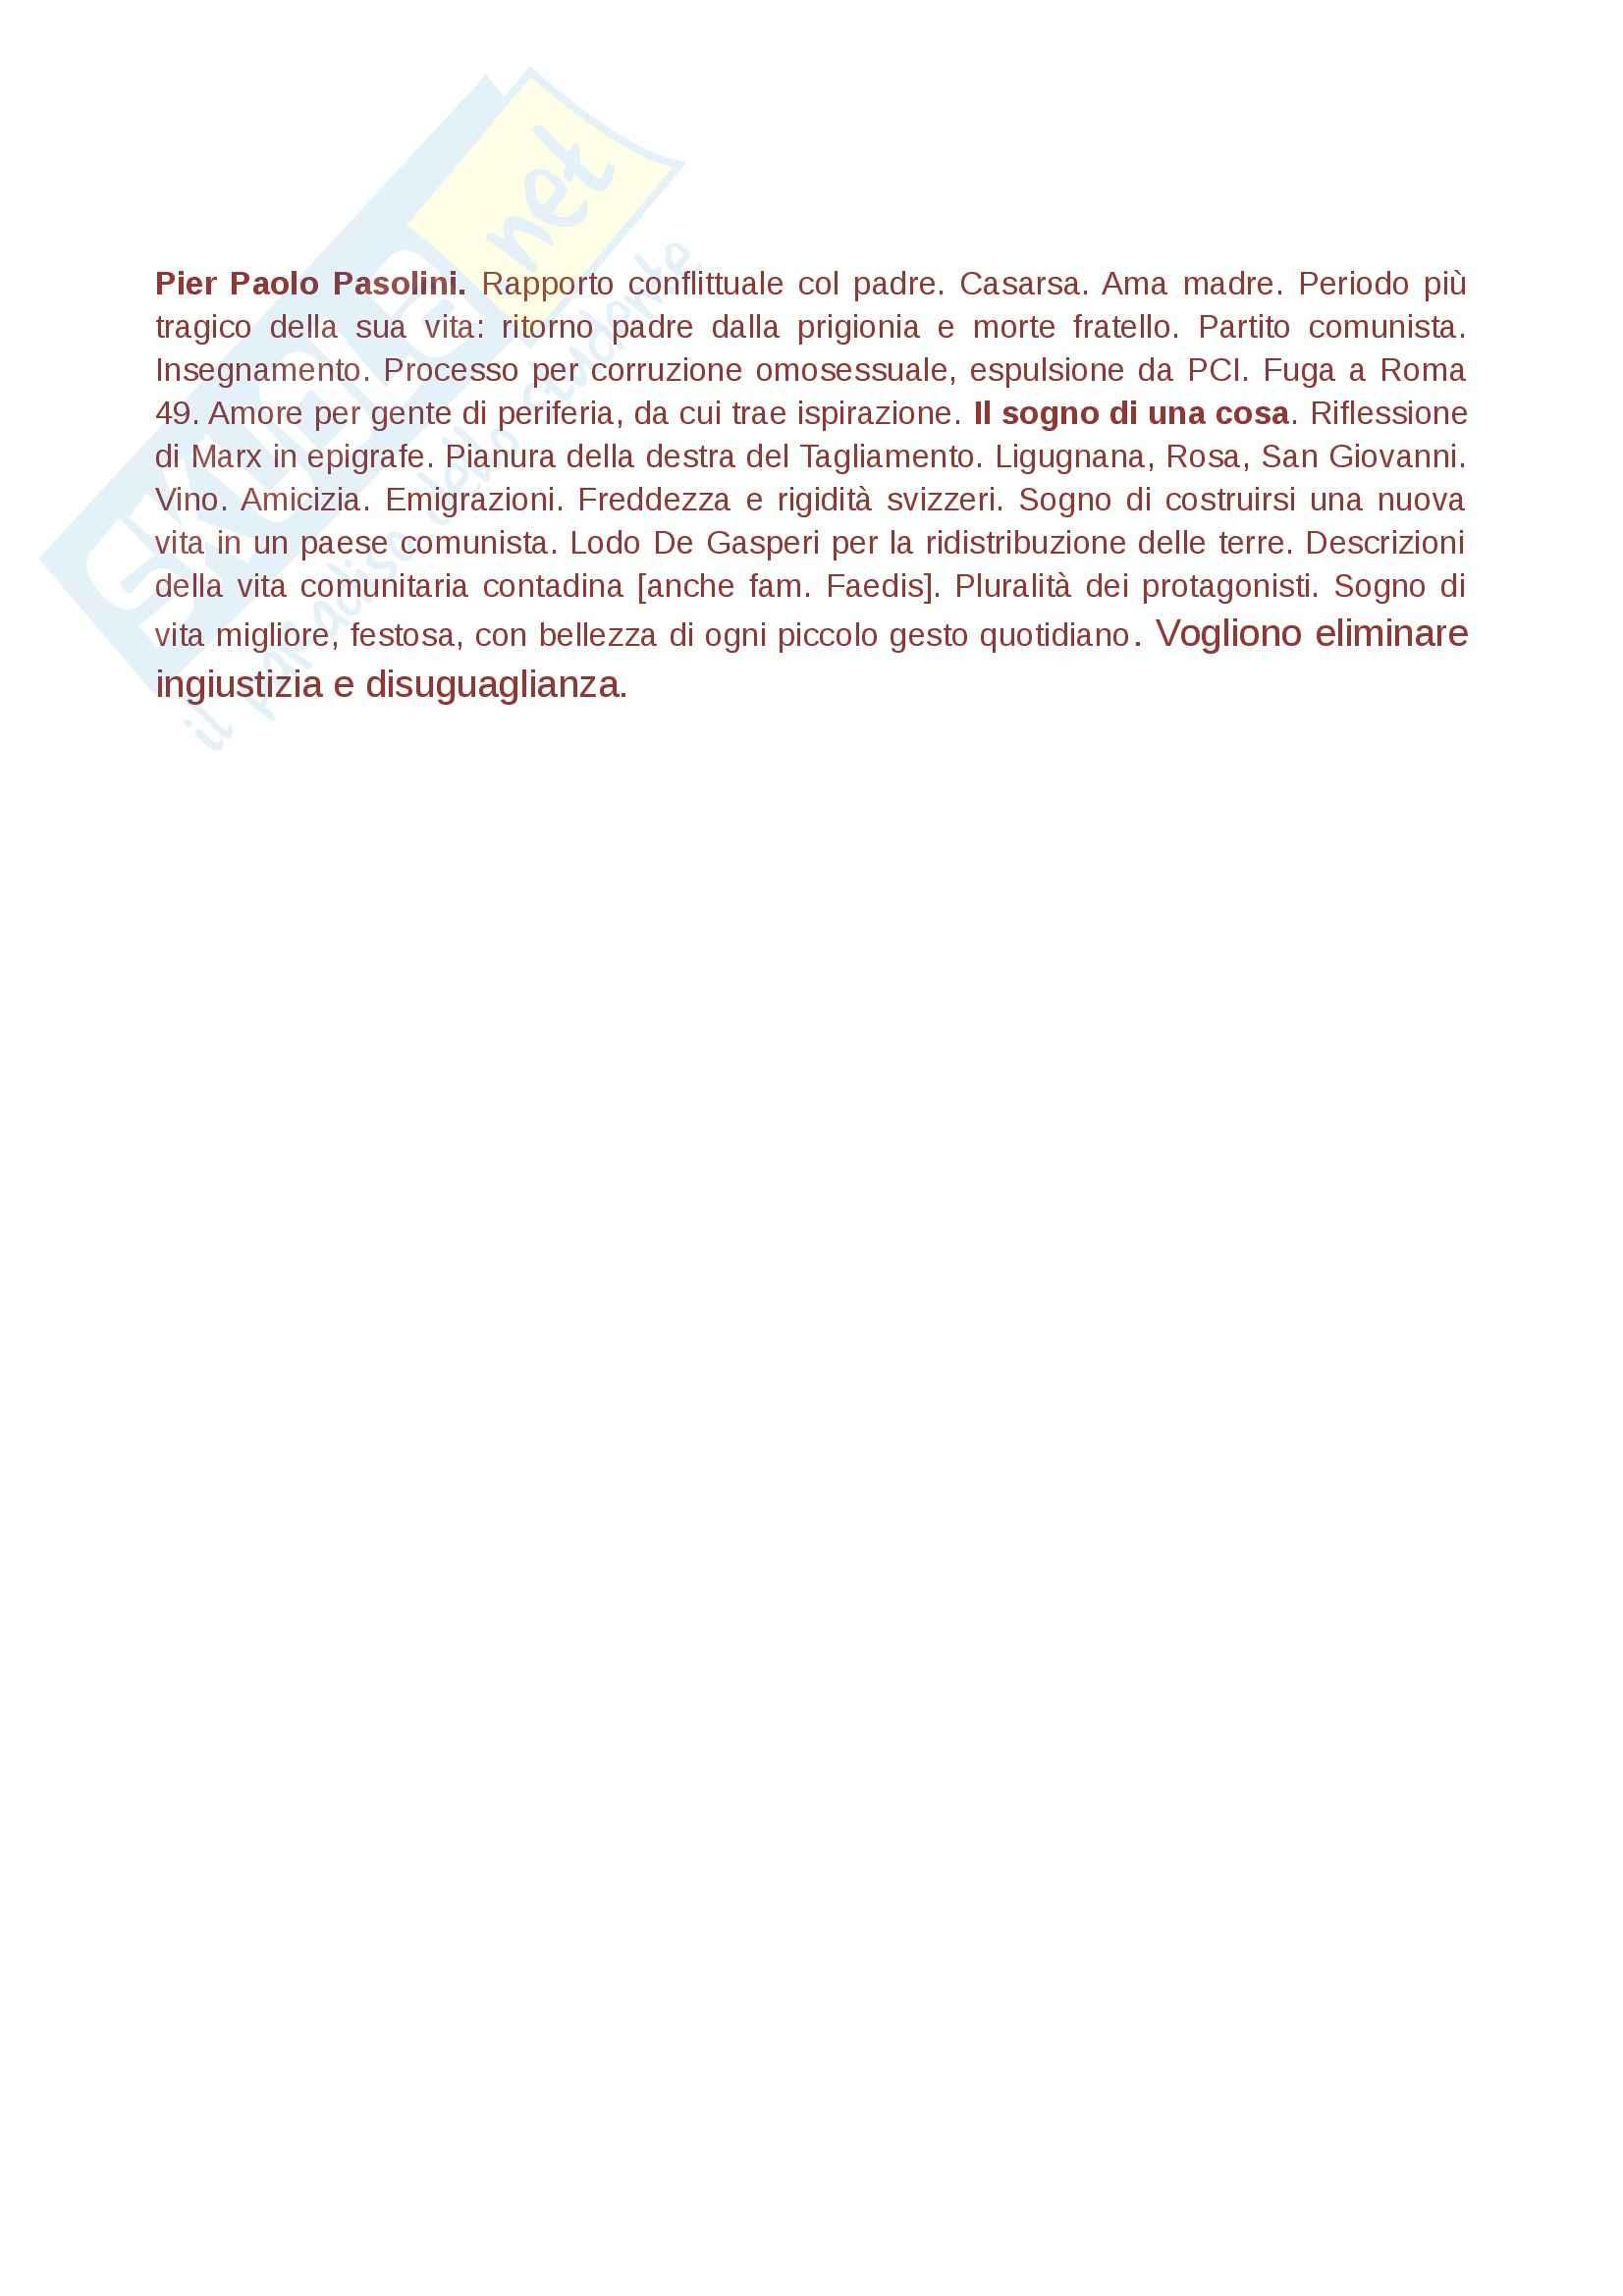 Riassunto esame Letteratura italiana, prof. Gallo Pag. 6